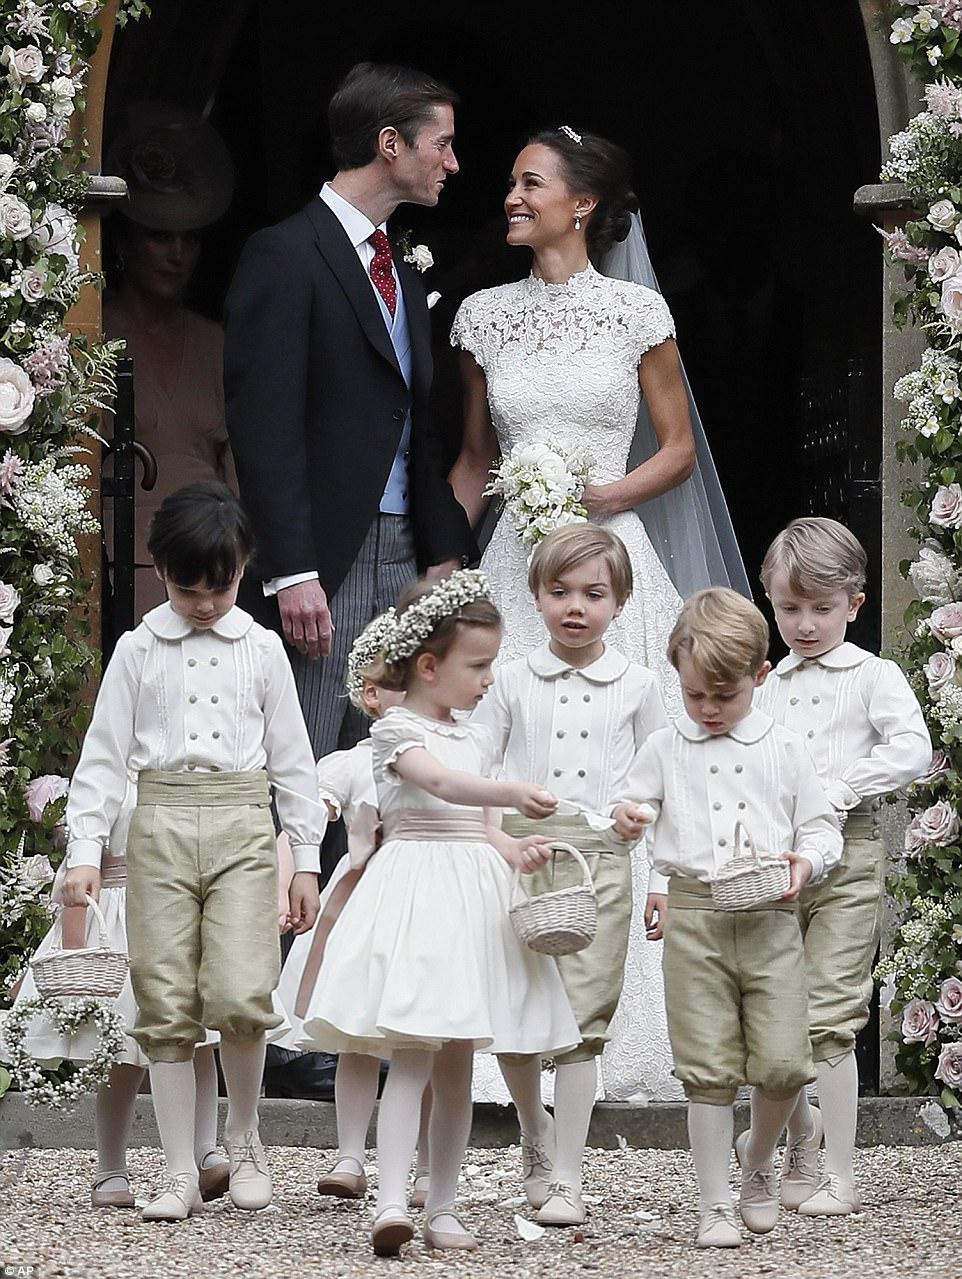 بالصور...أطلالة بيبا ميدلتون الجذابة في حفل زفافها